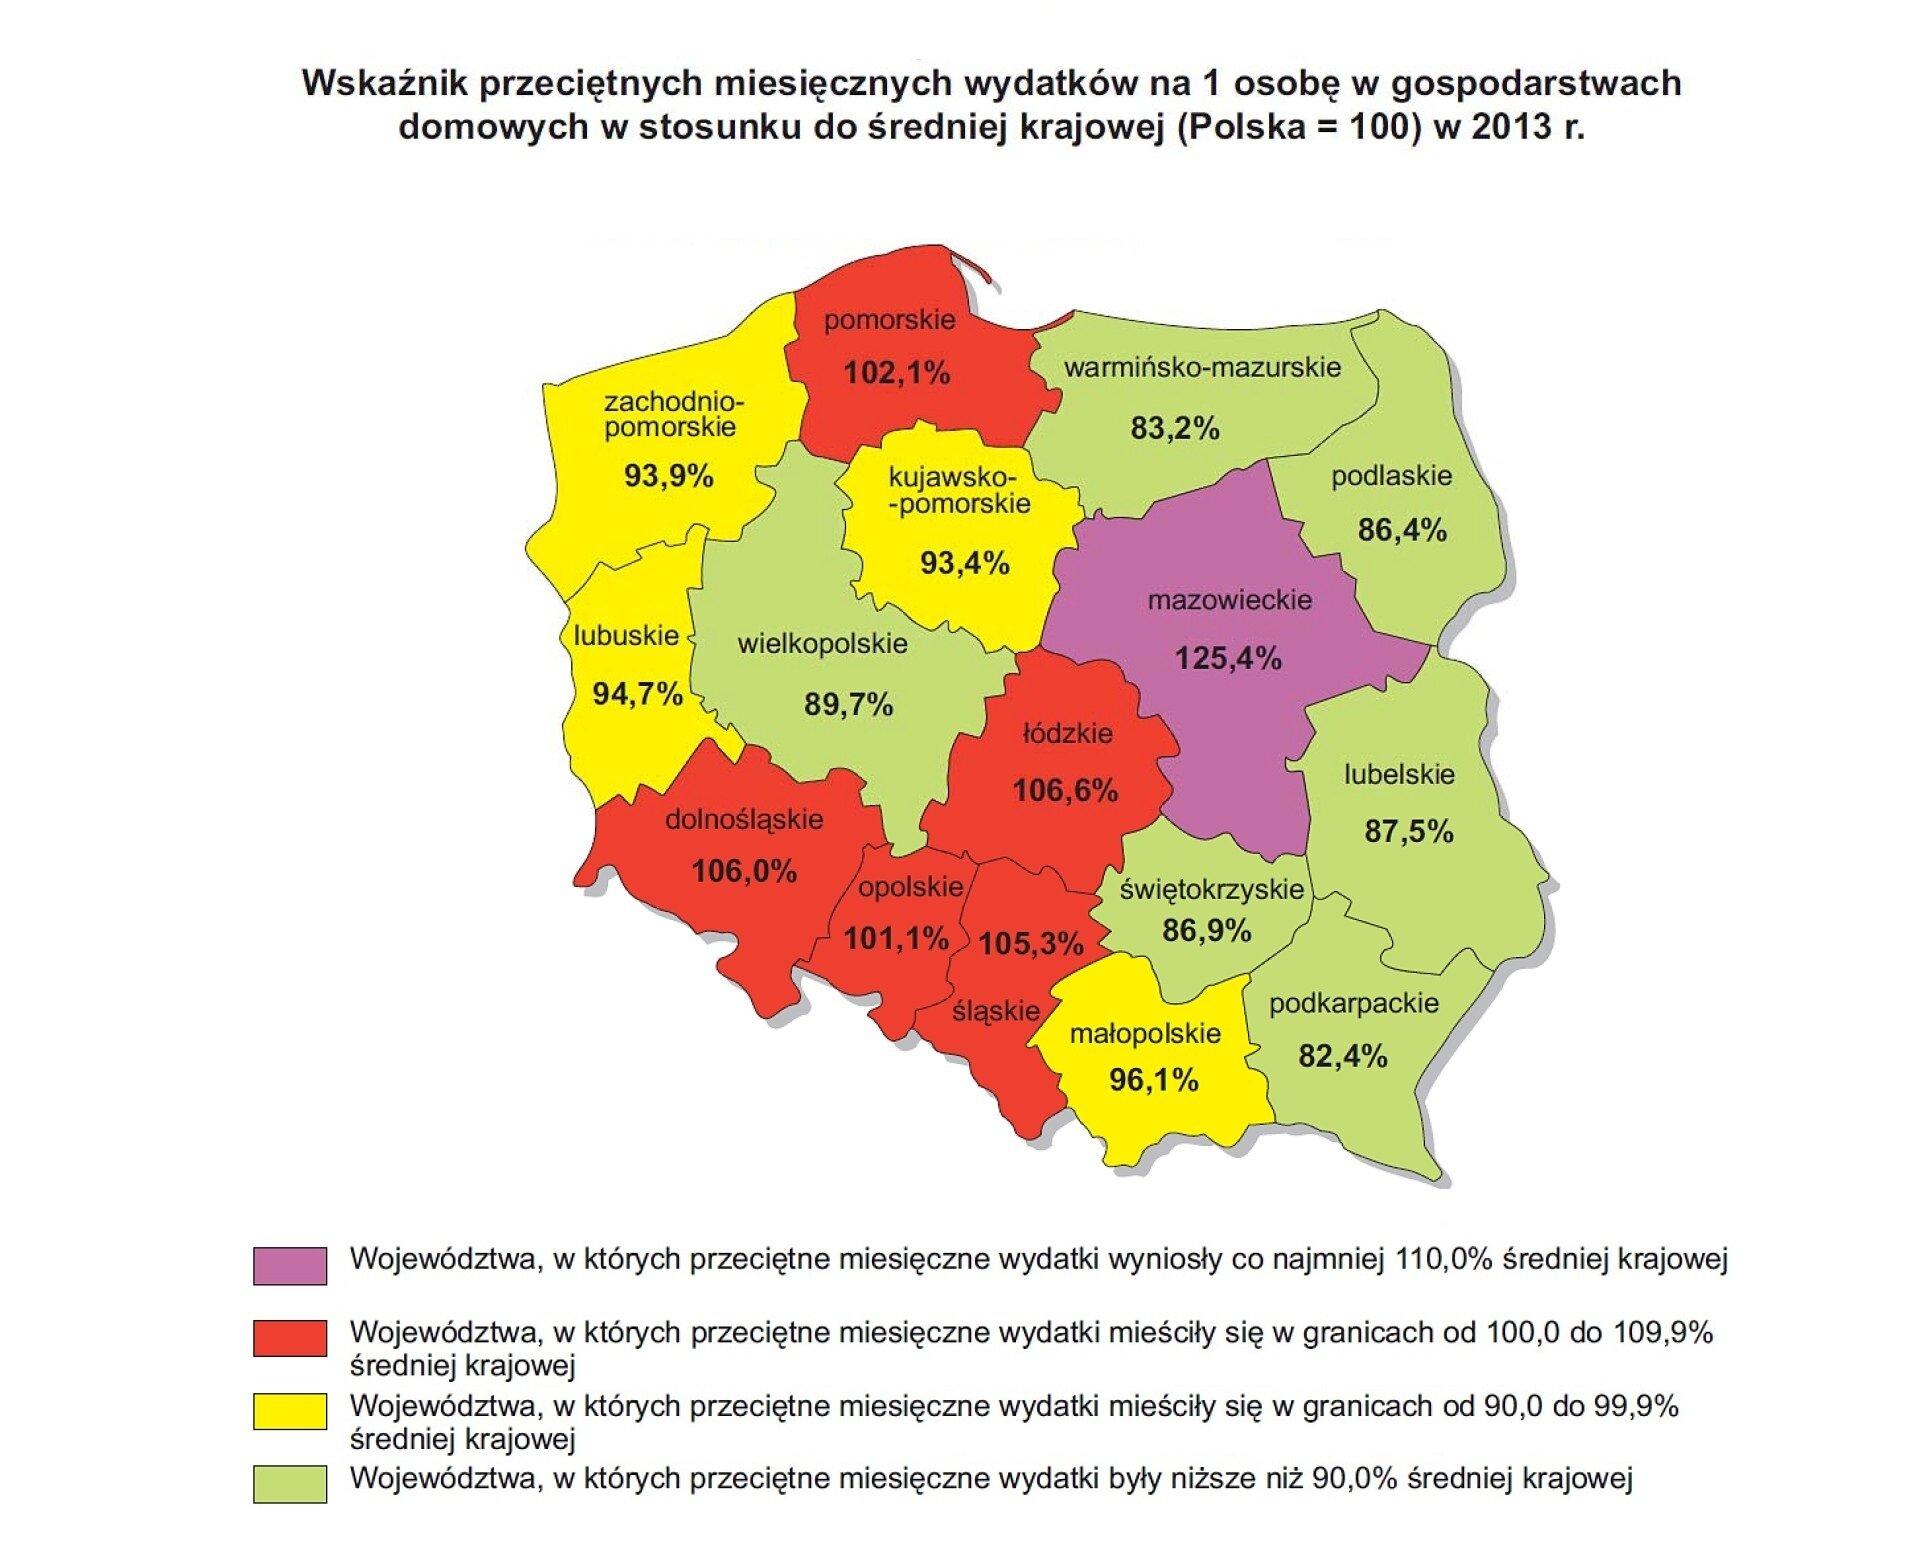 Mapa Polski przedstawiająca wskaźnik przeciętnych wydatków miesięcznych